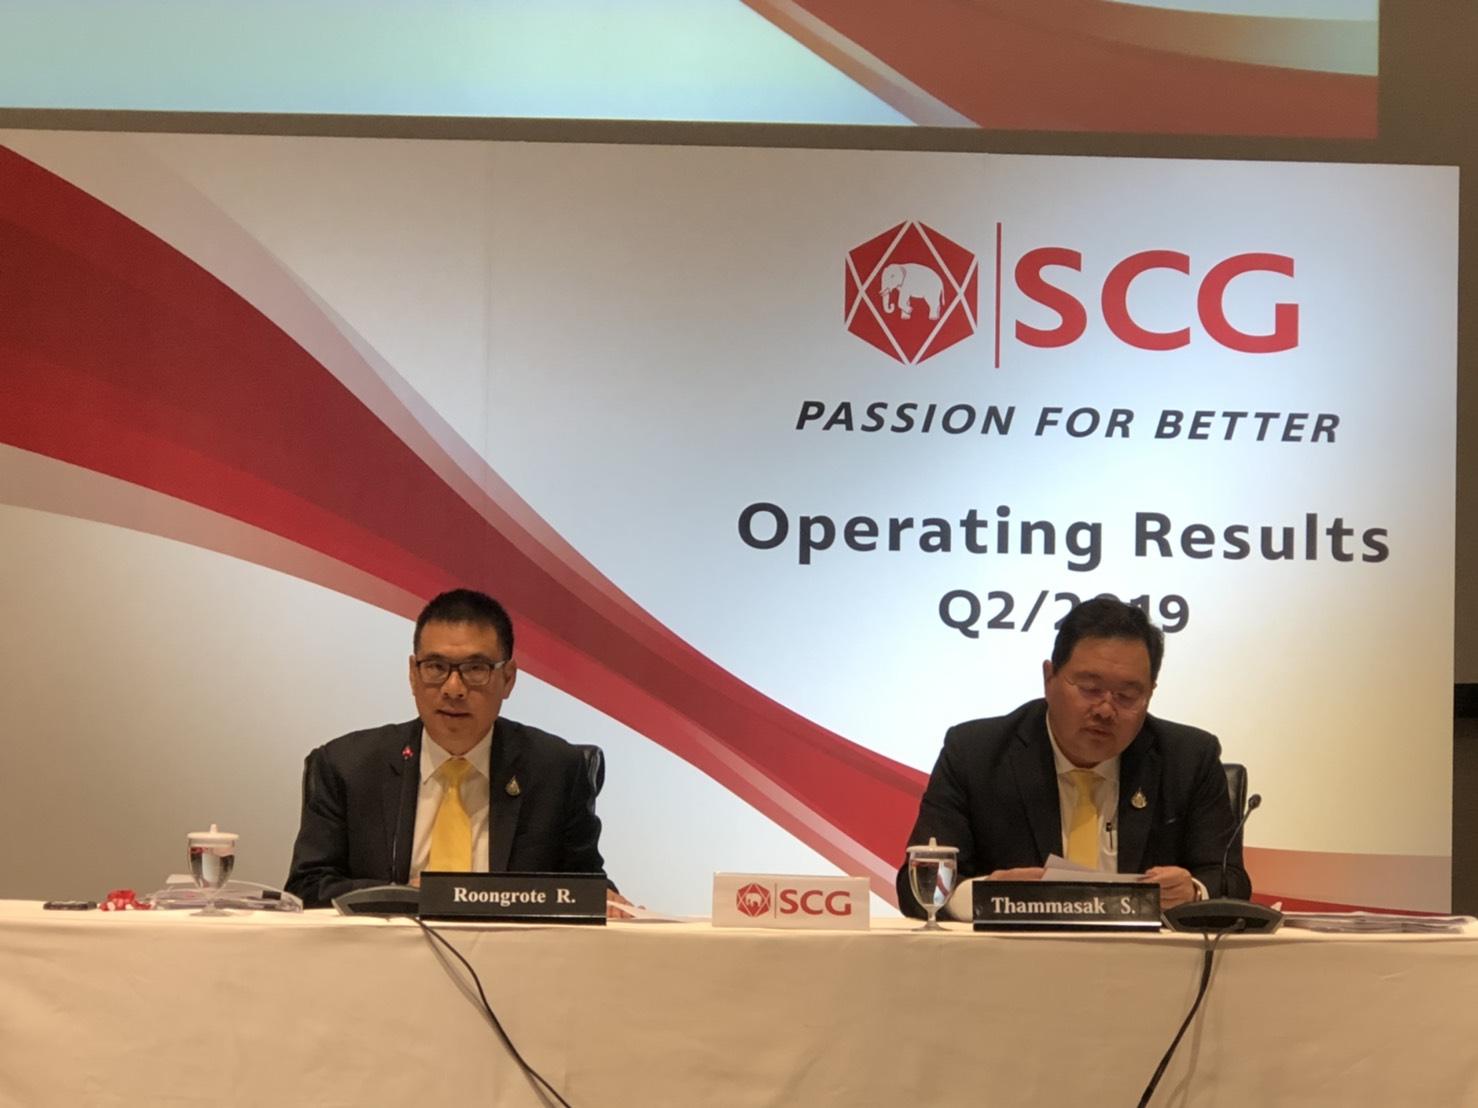 SCCเผยยอดขายปีนี้หดตัว9-10% พิษสงครามการค้า-รื้อแผนลงทุนใหม่